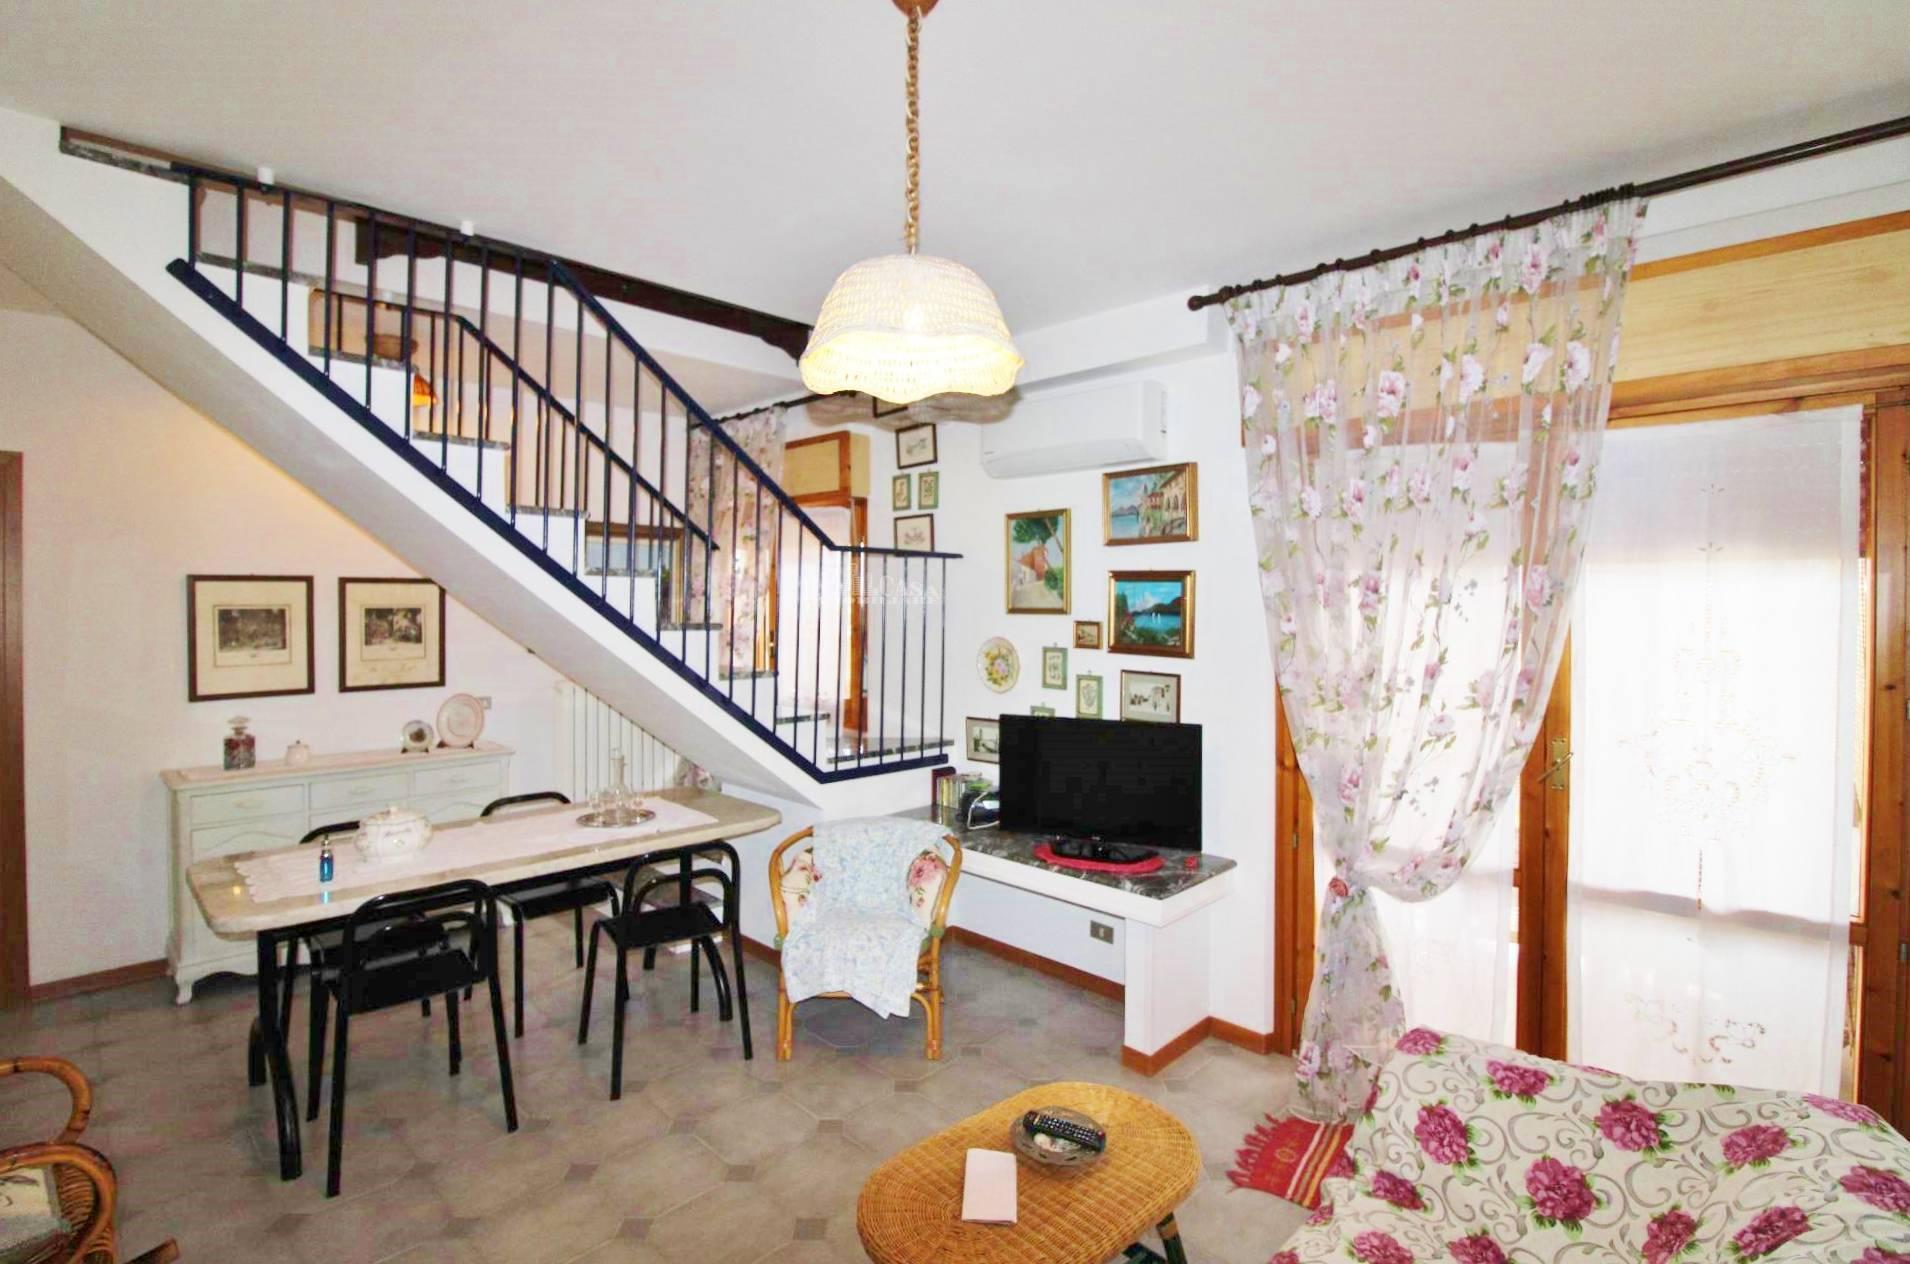 Appartamento in vendita a Martinsicuro, 4 locali, zona Località: Centro, prezzo € 120.000 | PortaleAgenzieImmobiliari.it